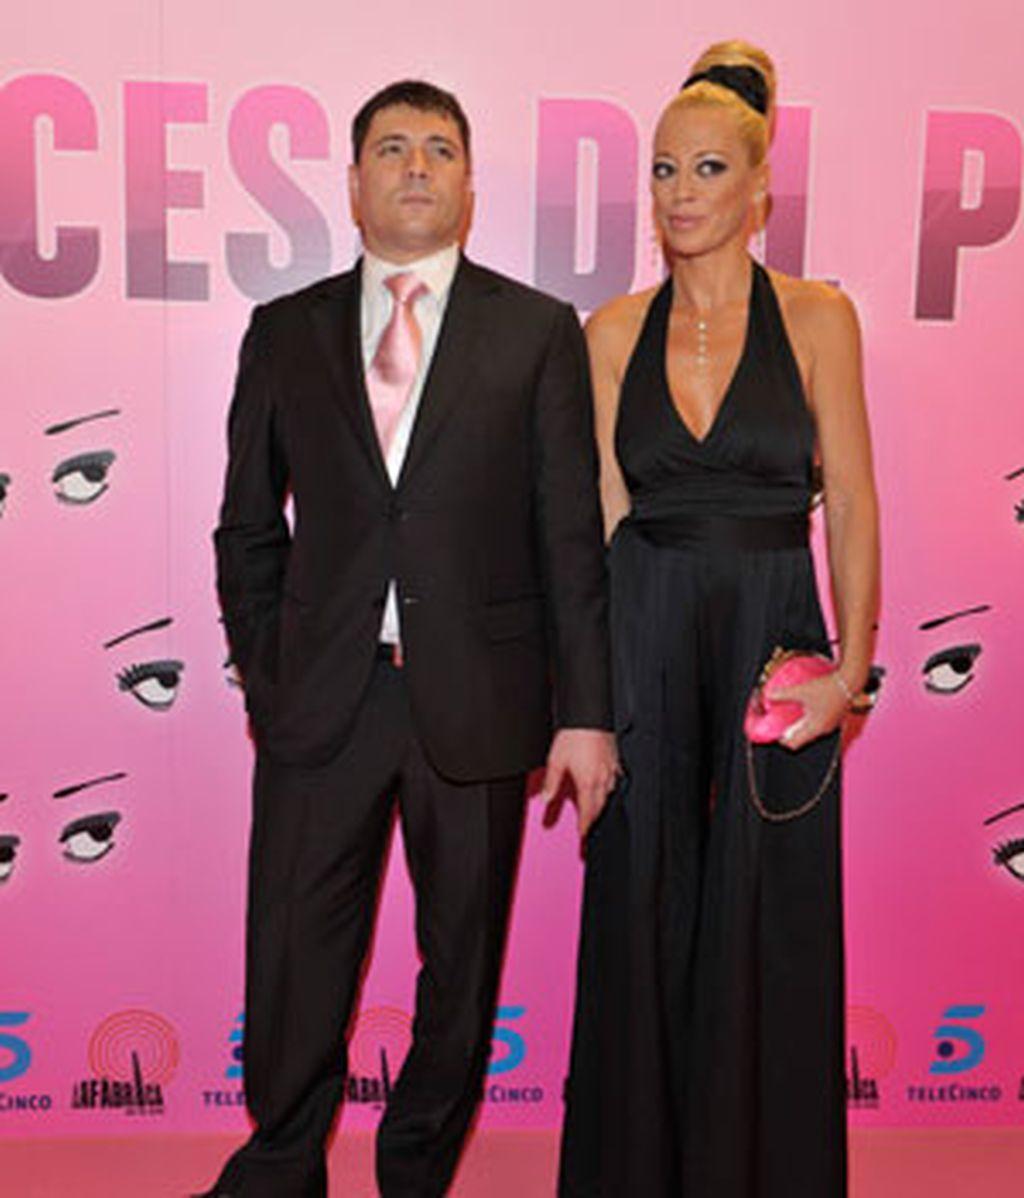 Belén Esteban llegaba del brazo de su marido a la premiere de su documental. FOTO: TELECINCO